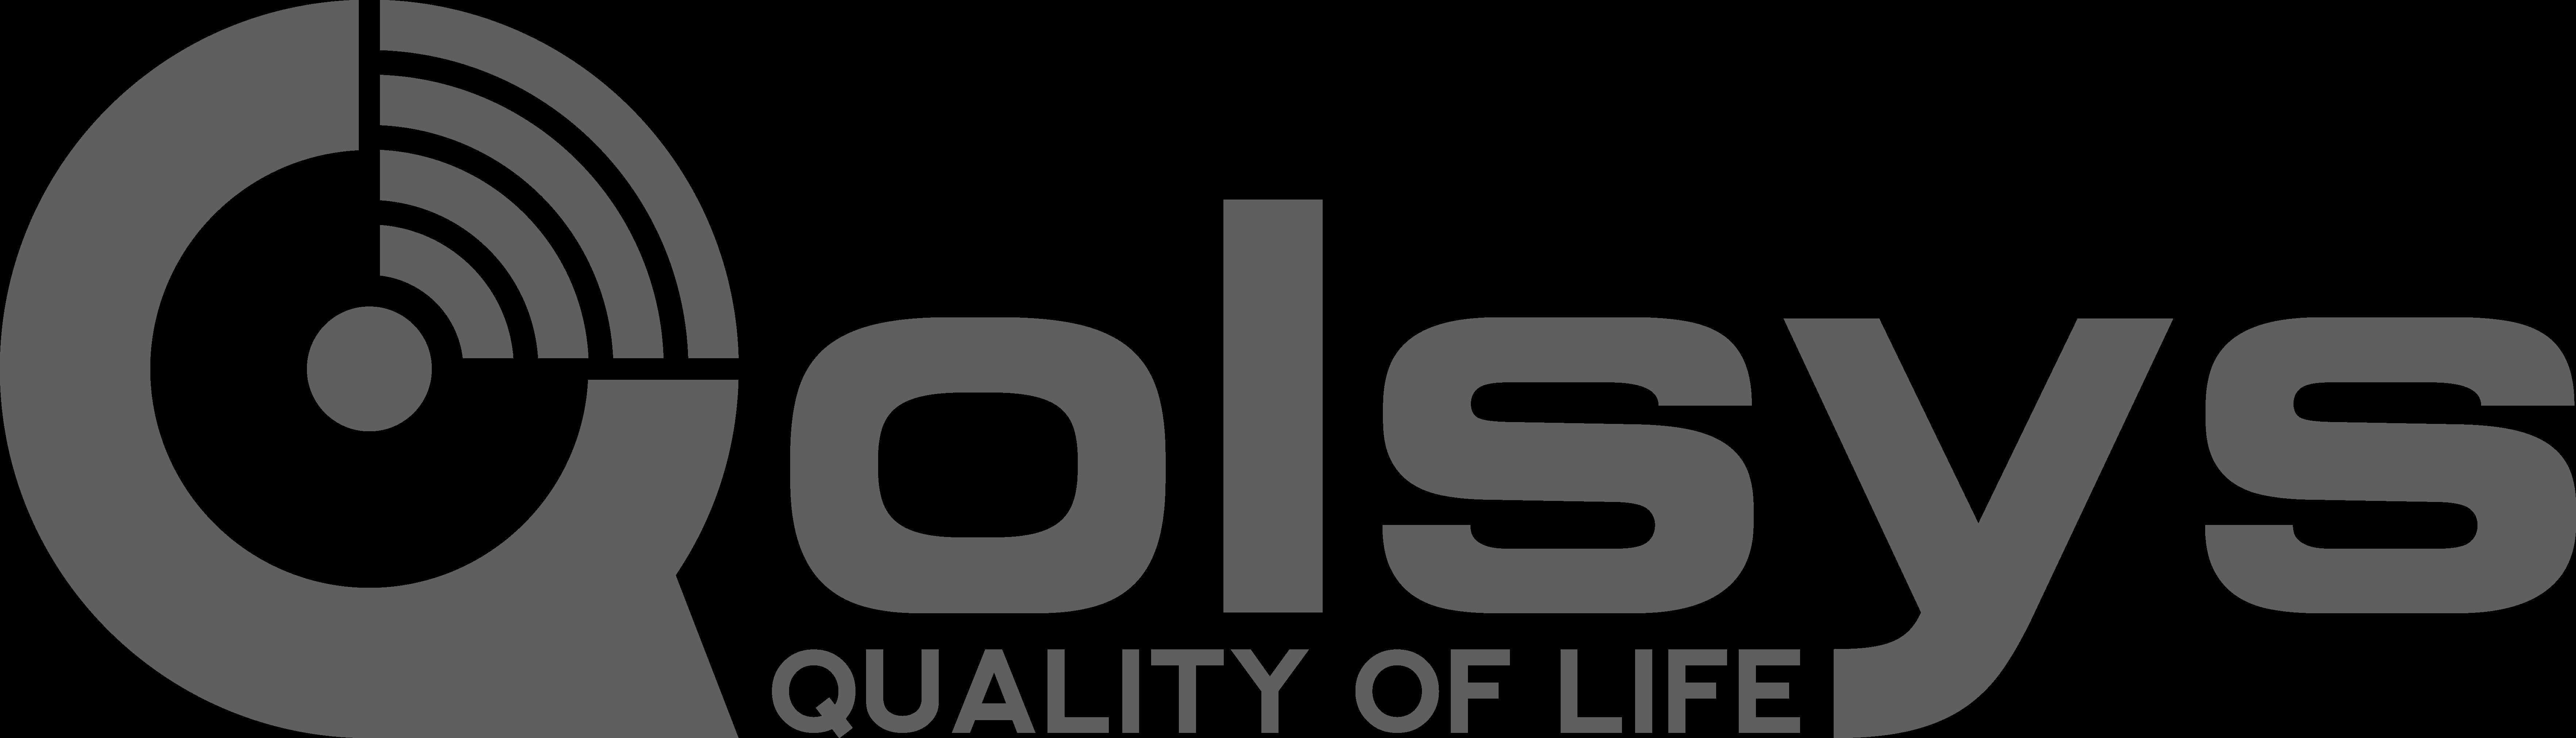 Qolsys-Logo-Grey